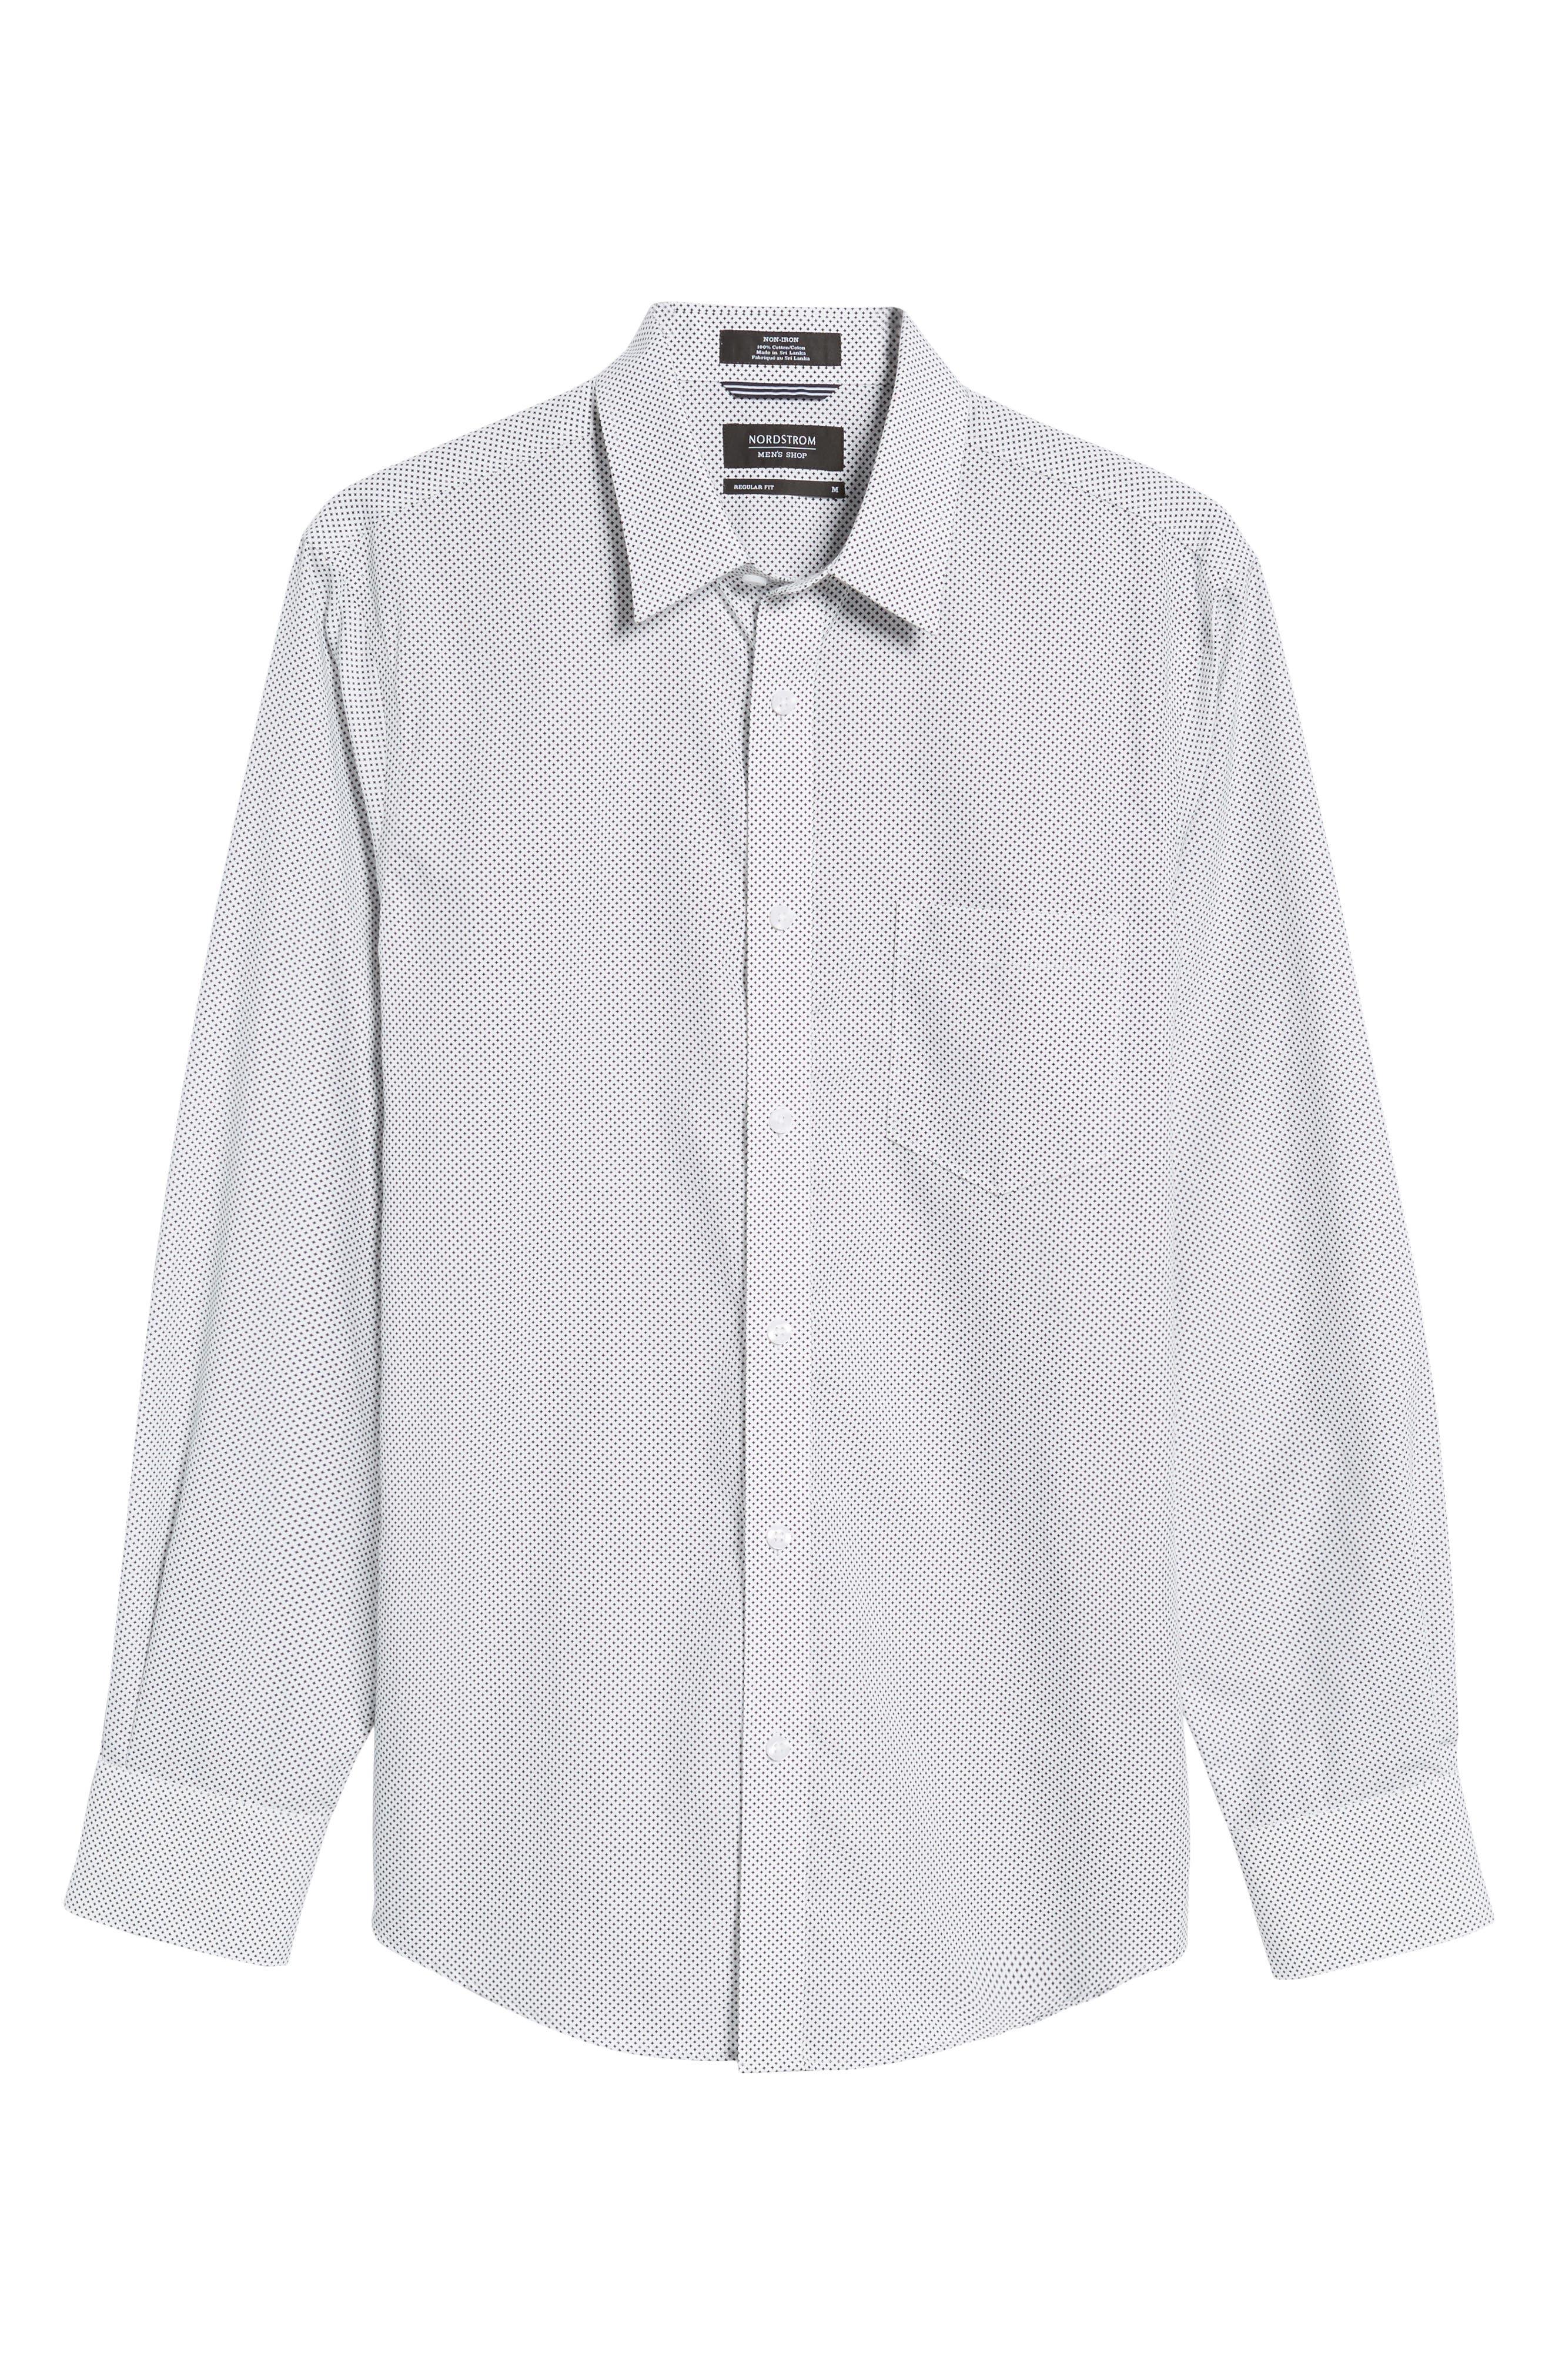 Regular Fit Non-Iron Print Sport Shirt,                             Alternate thumbnail 6, color,                             Black White Mini Cross